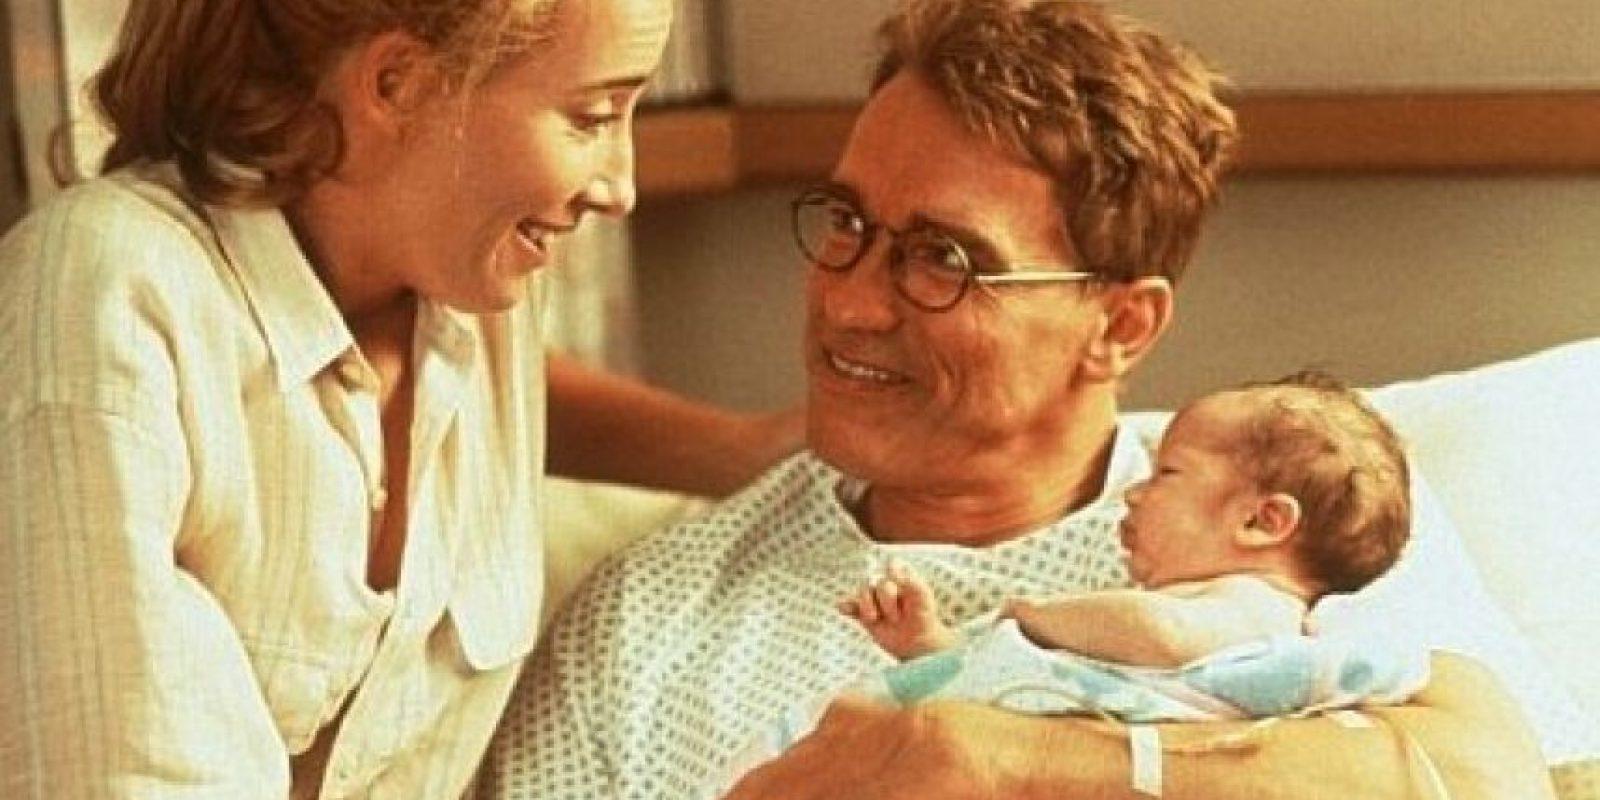 En 1994, se convirtió en el primer hombre de Hollywood que dio a luz. Foto:Universal Pictures